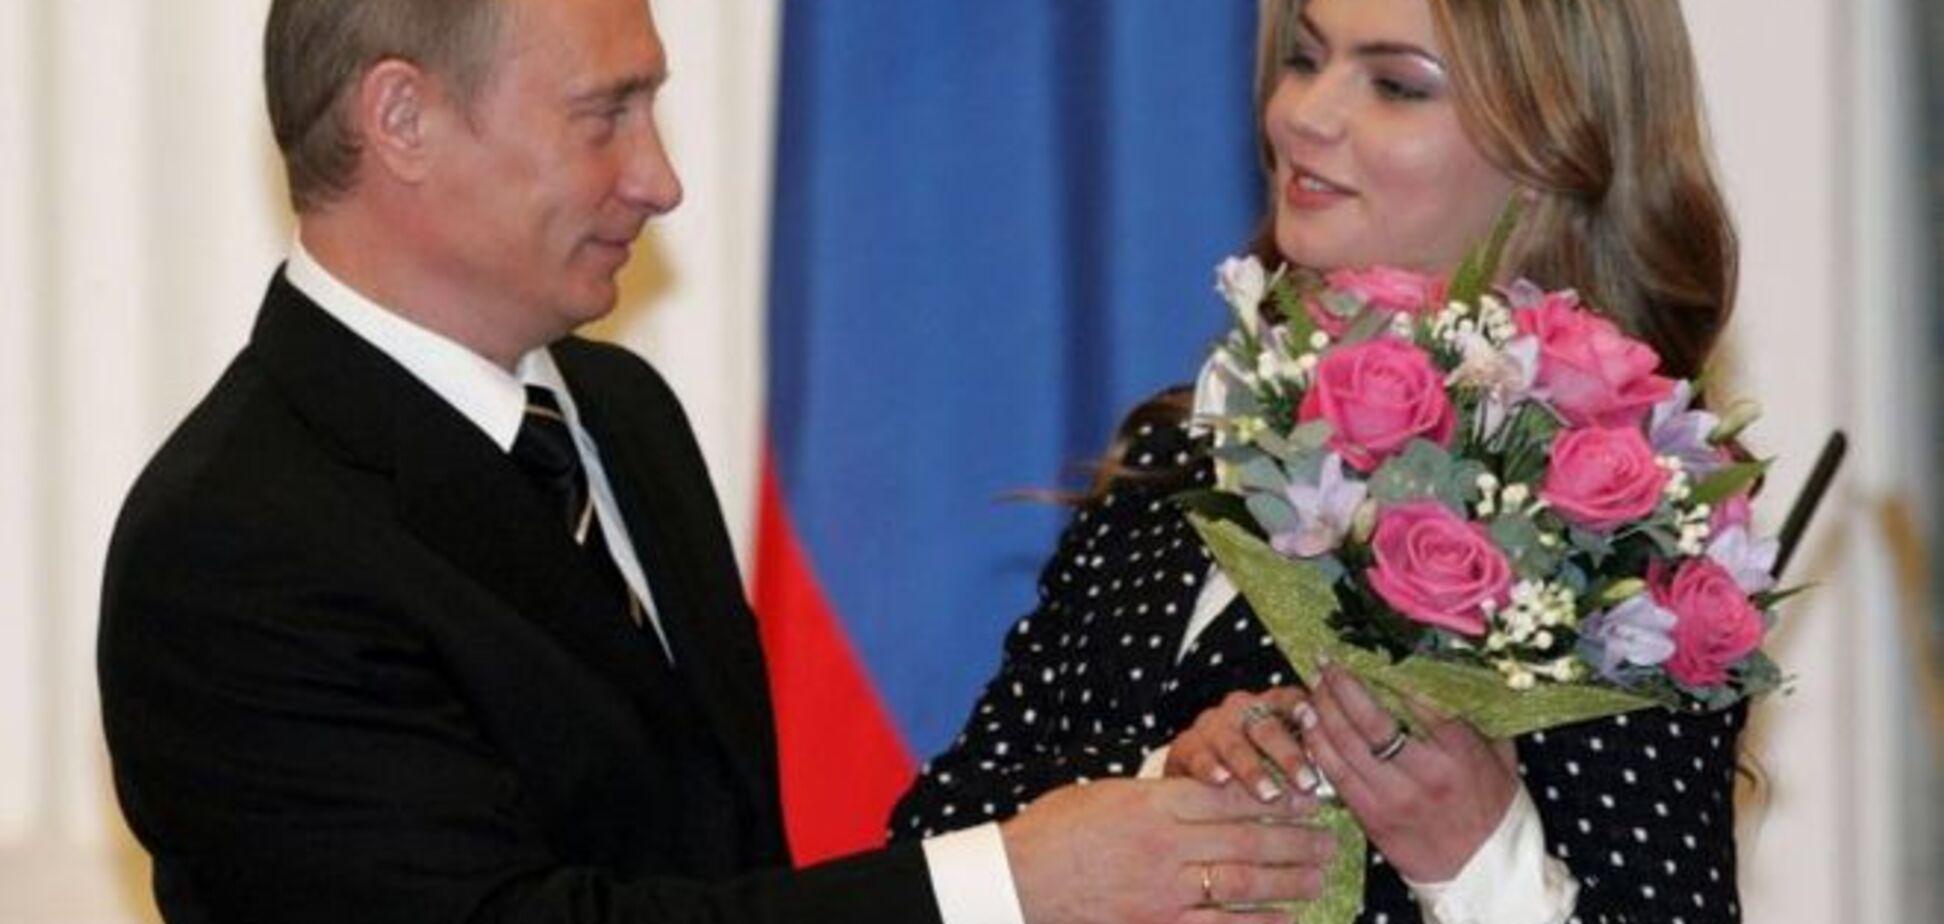 Кабаева о своих отношениях с Путиным: мне это неприятно